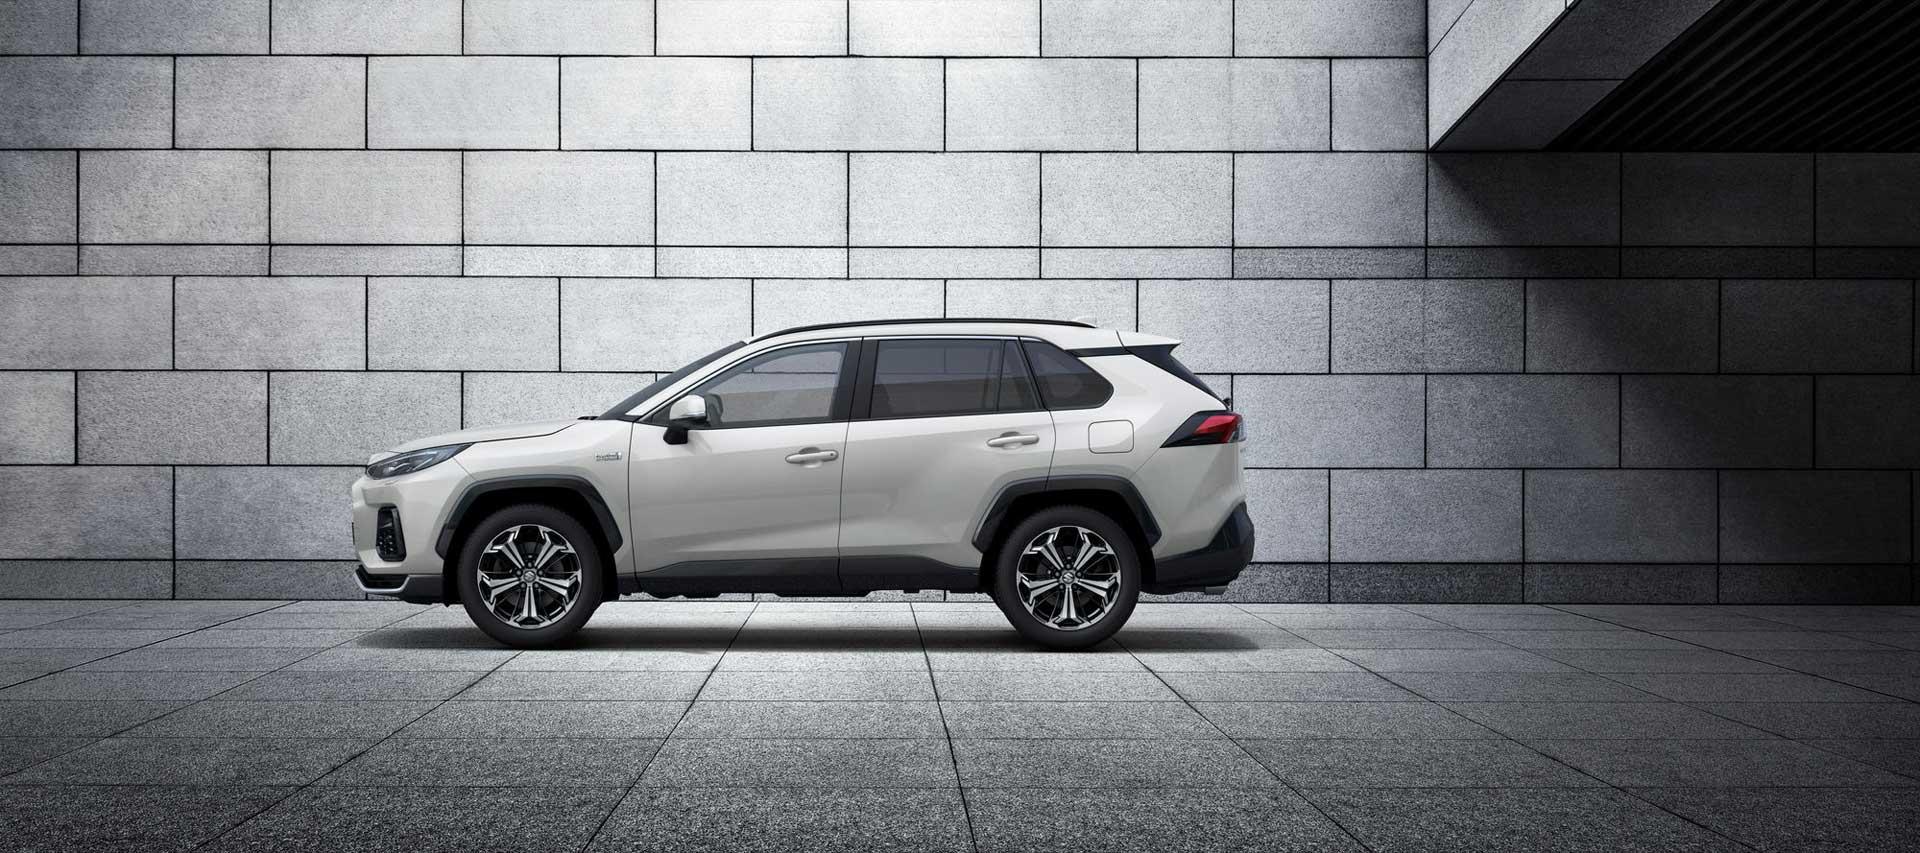 Der neue Suzuki Across Plug-in Hybrid vor einer Wand